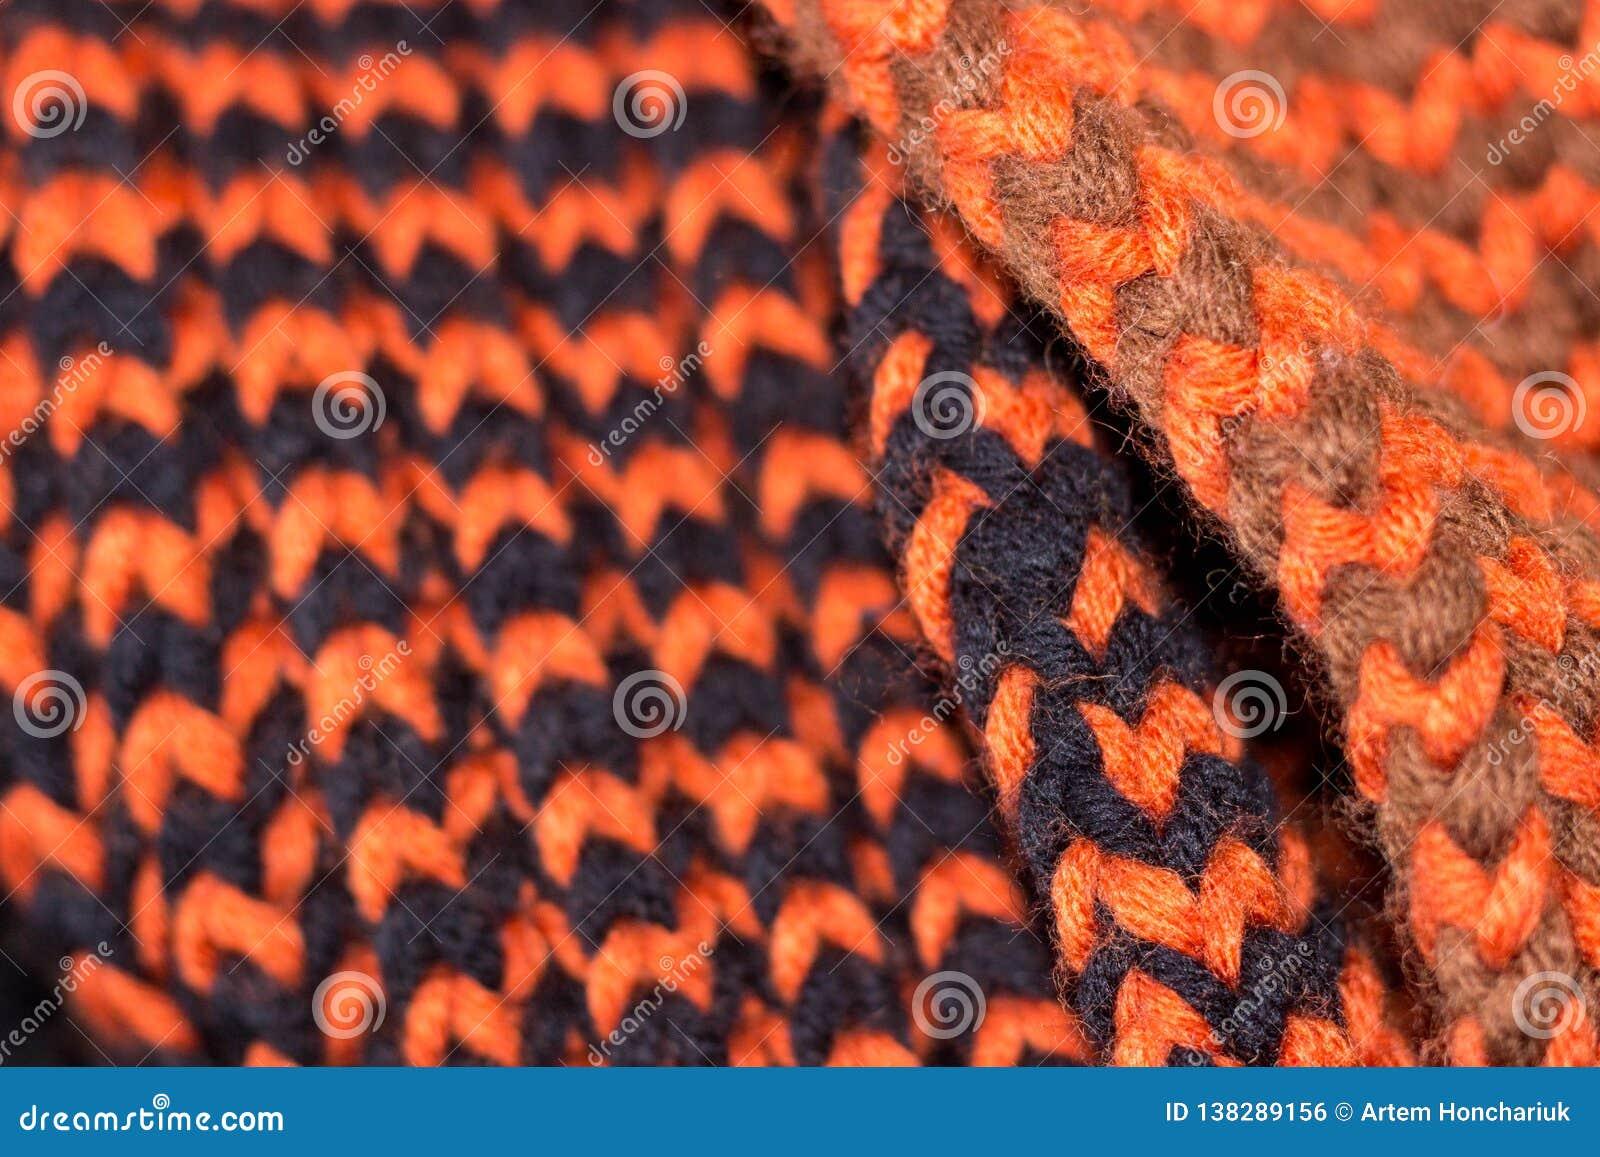 Knitting Achtergrond gebreide textuur Heldere breinaalden Oranje en zwart wolgaren voor het breien